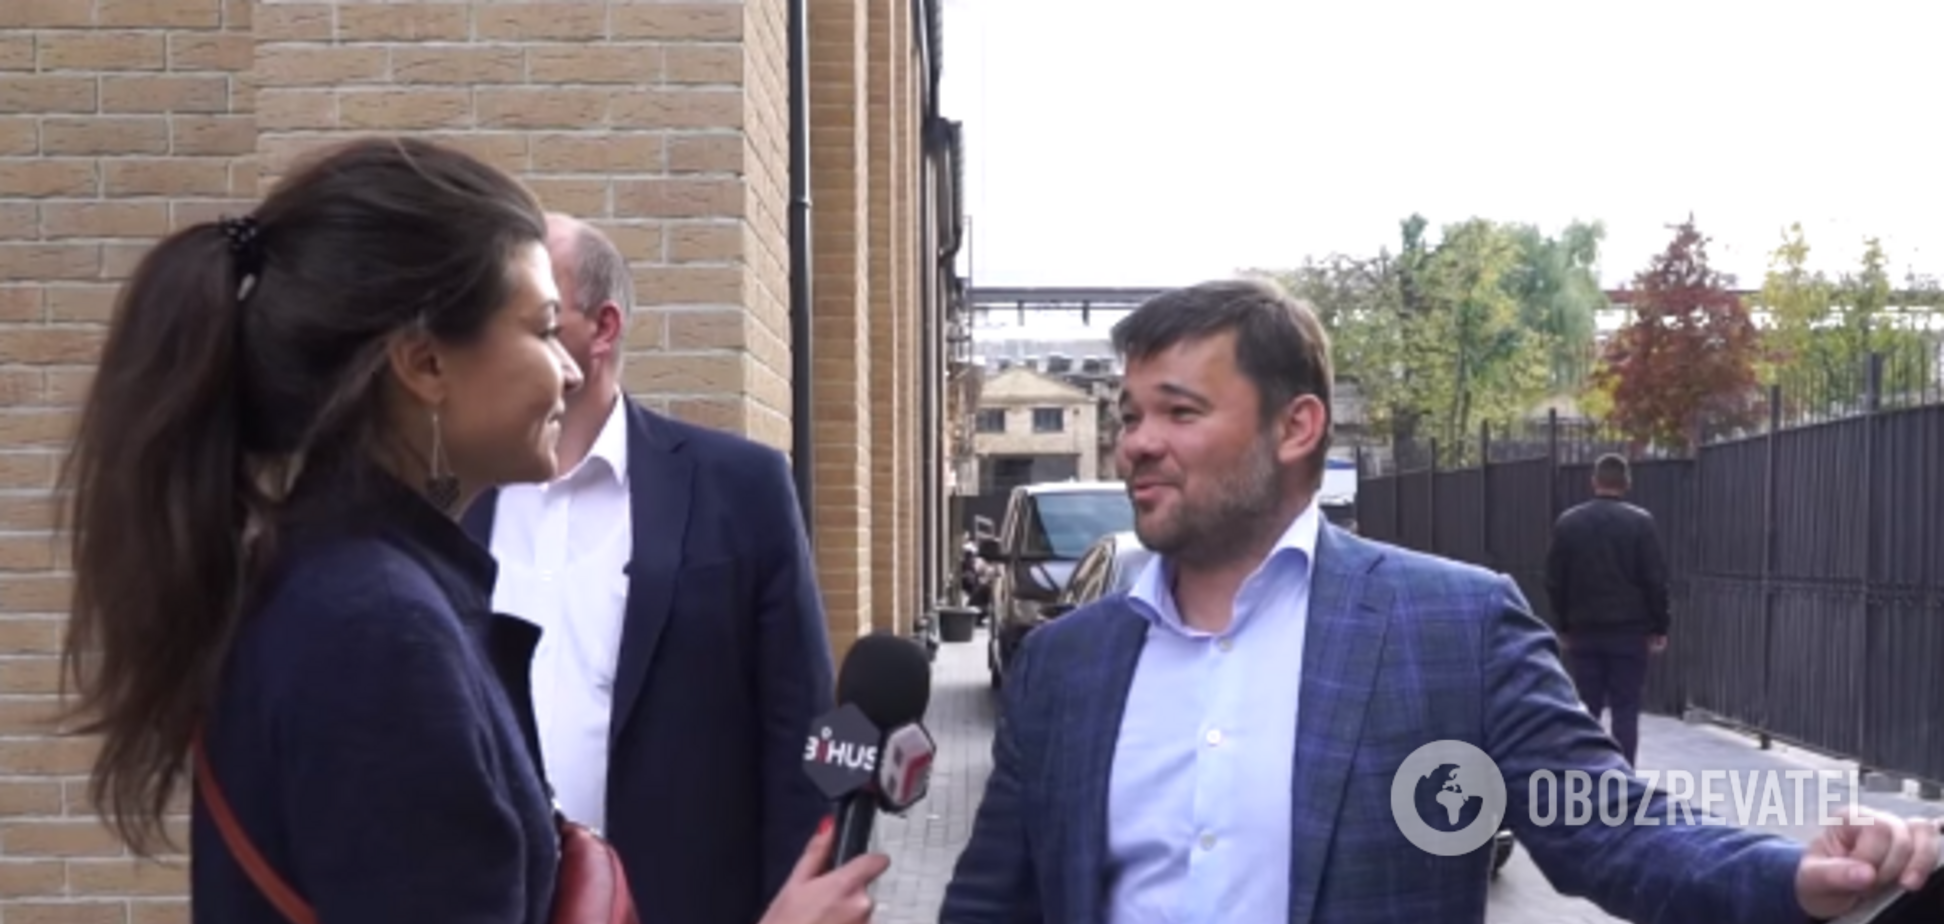 Богдан устроил перепалку с журналисткой из-за 'неудобного вопроса': в сеть попало видео